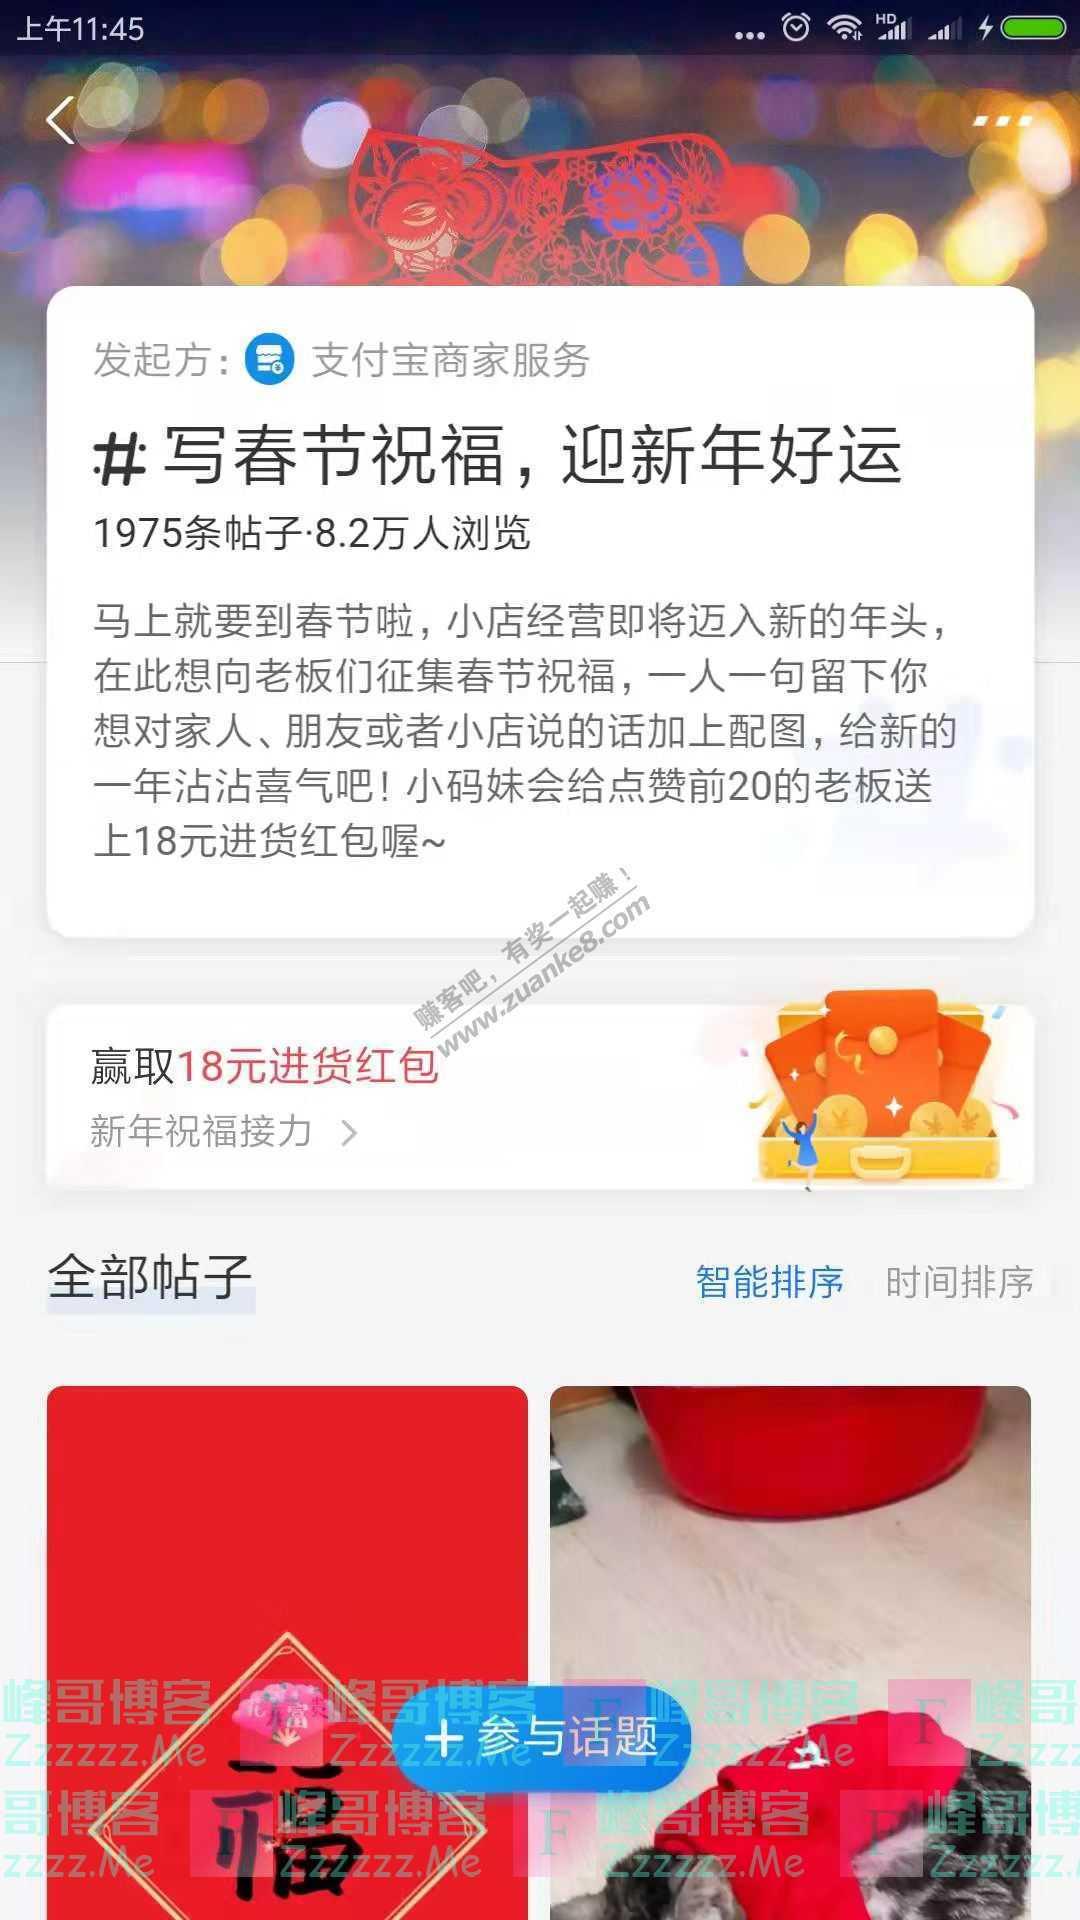 支付宝app写春节祝福 迎新年好运(截止不详)